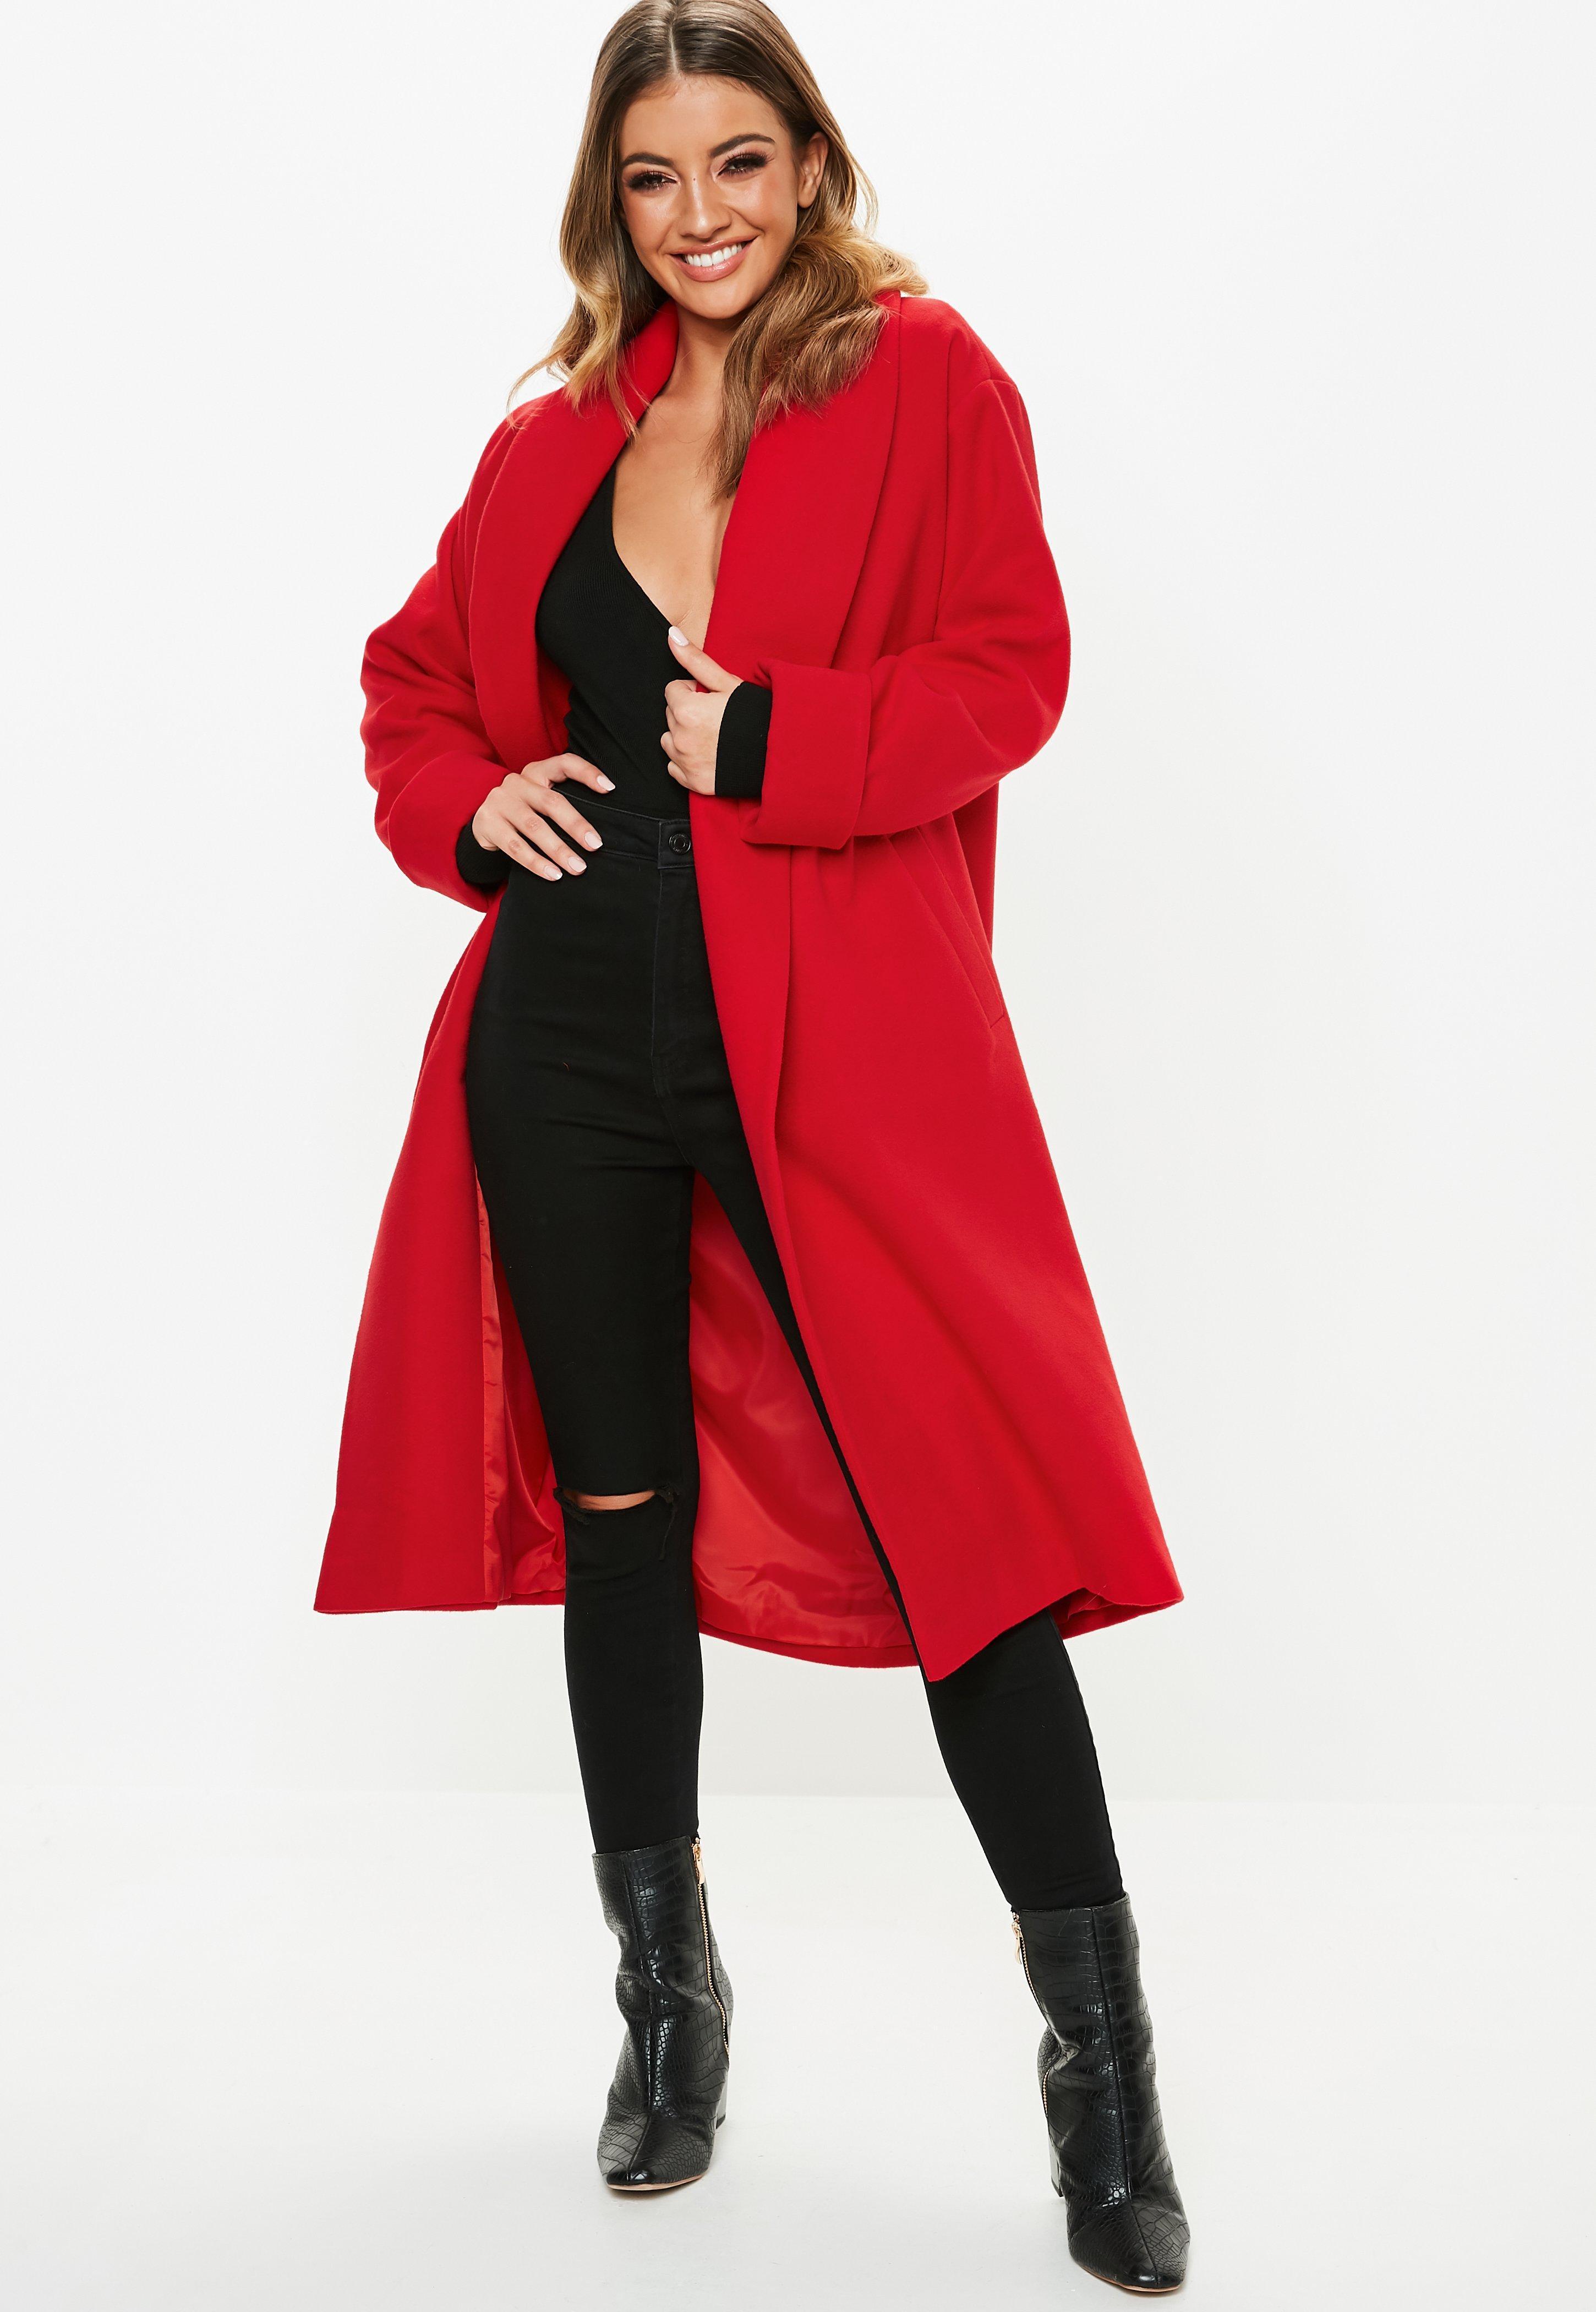 Manteau Femme Veste Pour Femme En Ligne Missguided